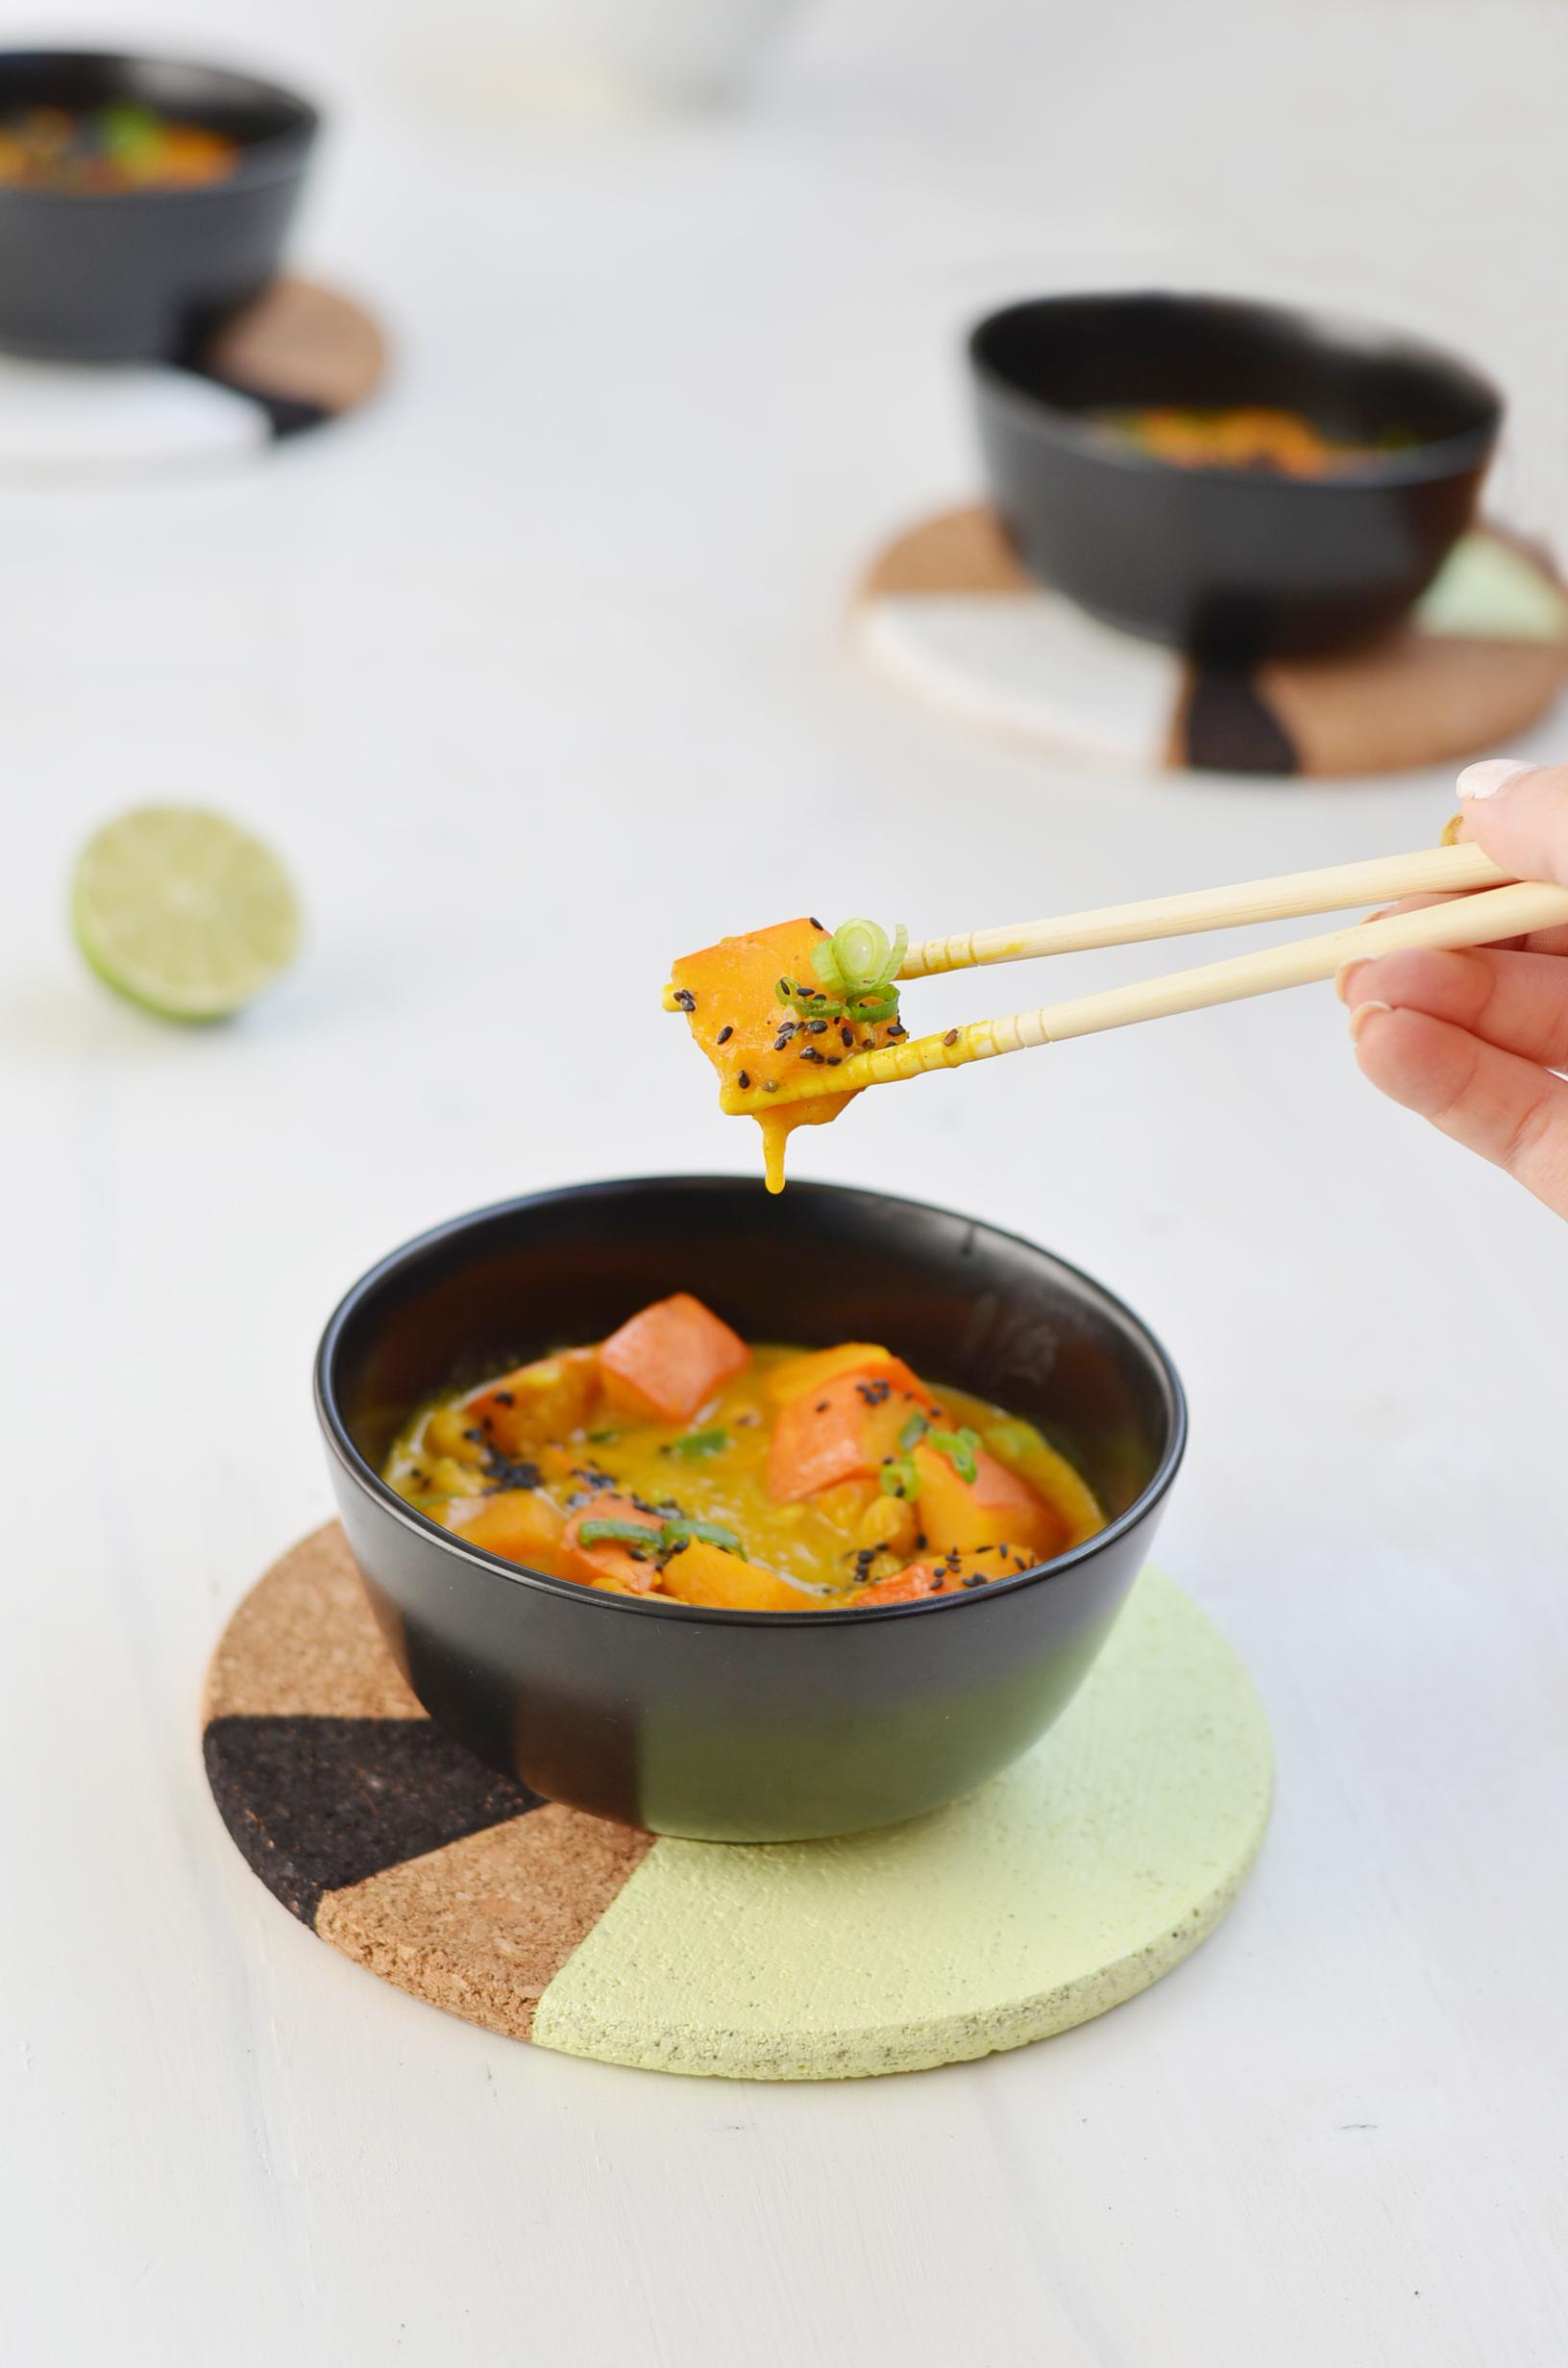 kürbiscurry-rezept-asiatisch